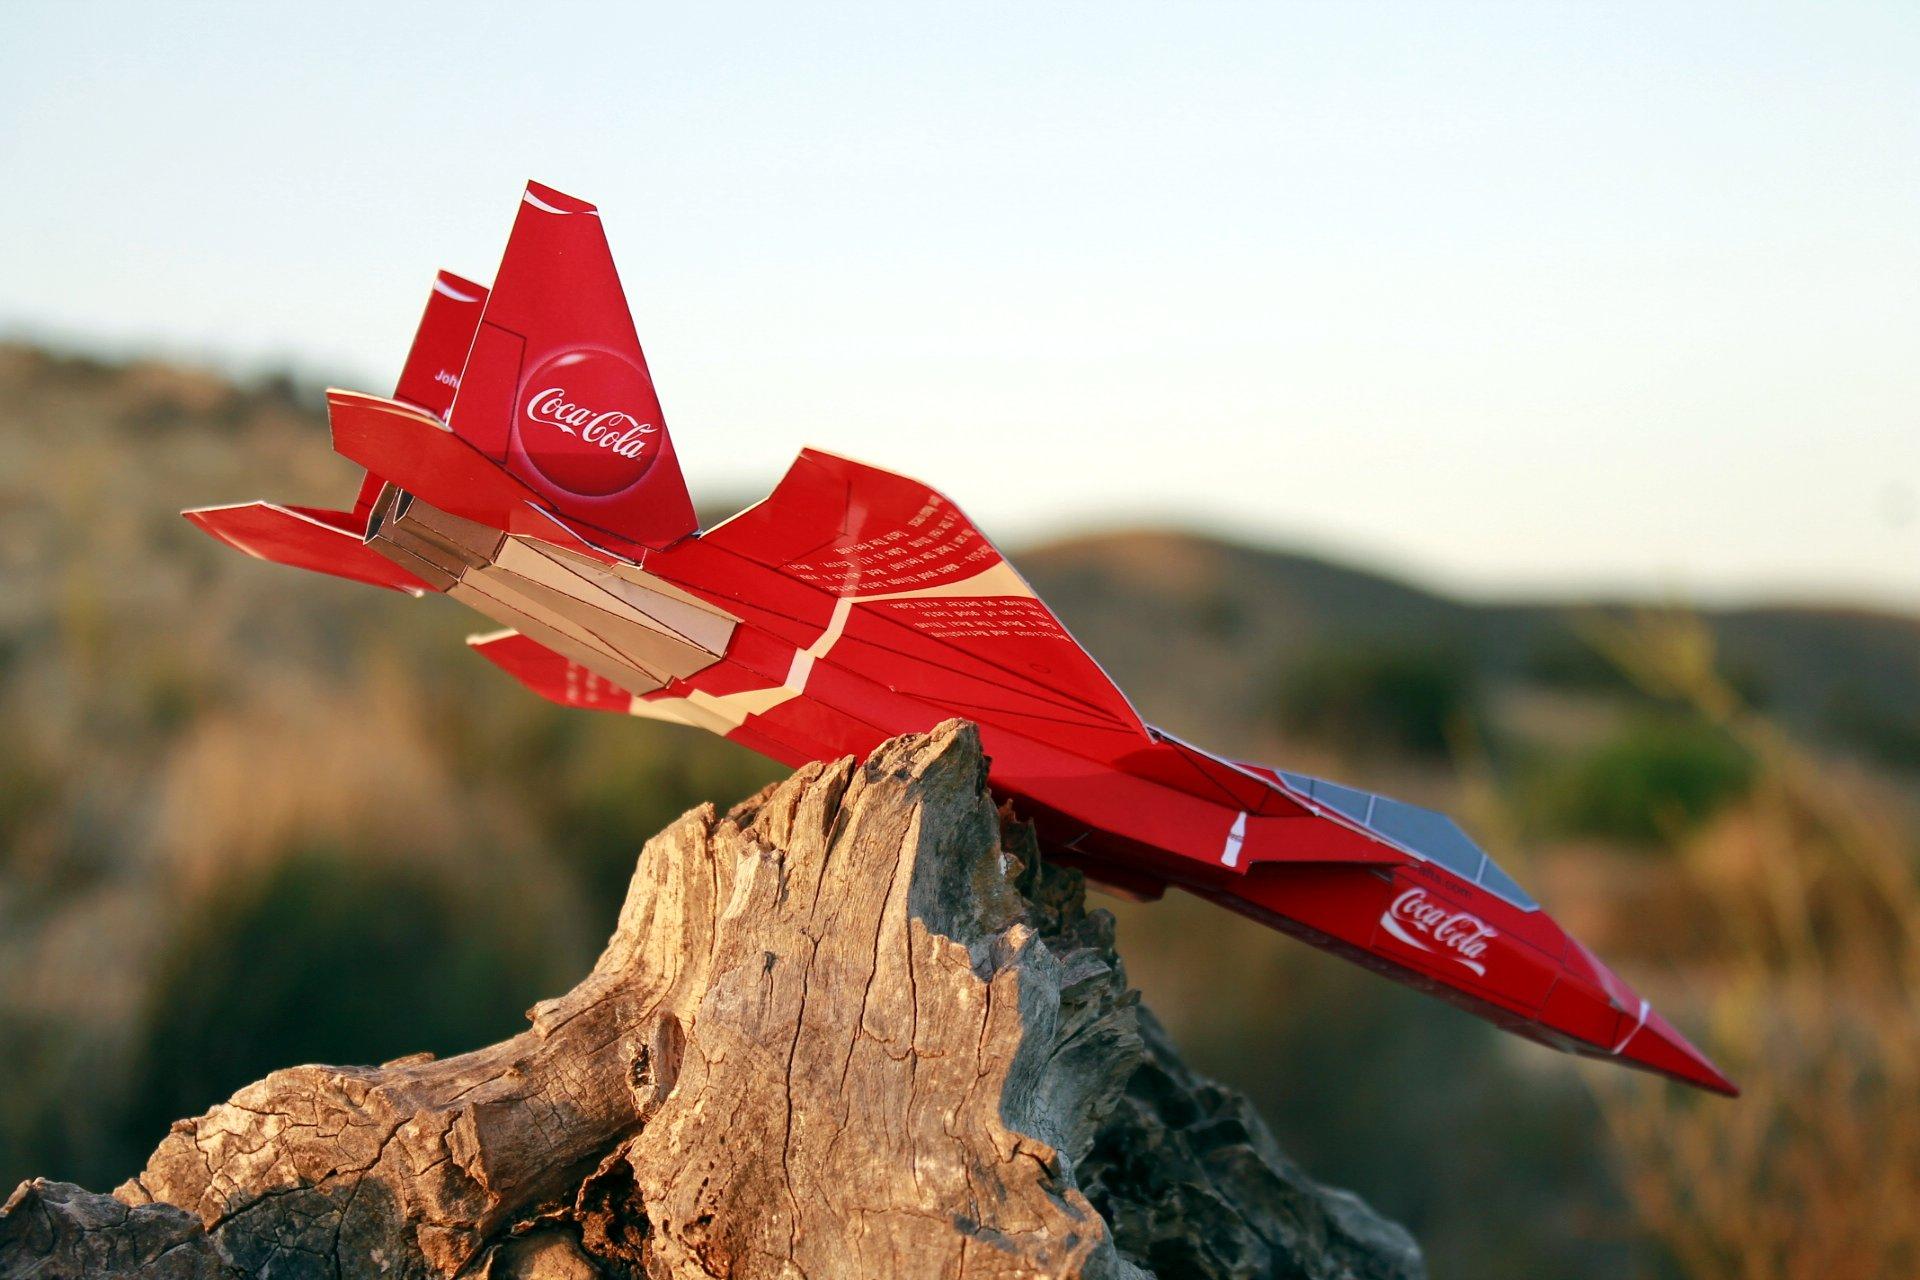 Coca-Cola Paper-F15-04